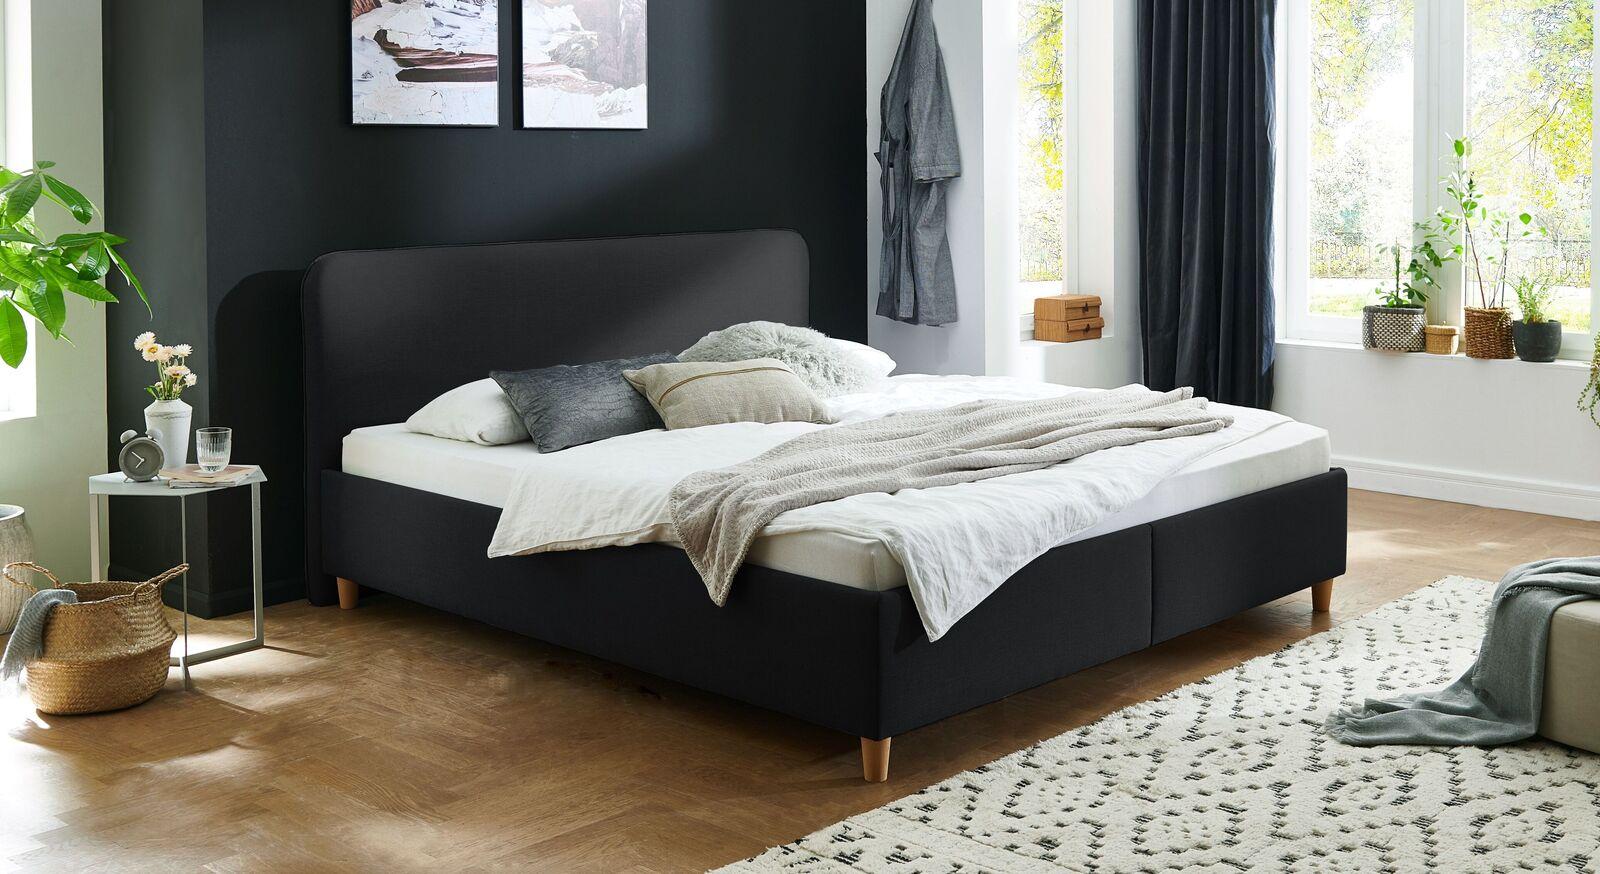 Bett Kannur mit hochwertigem Webstoff in Schwarz